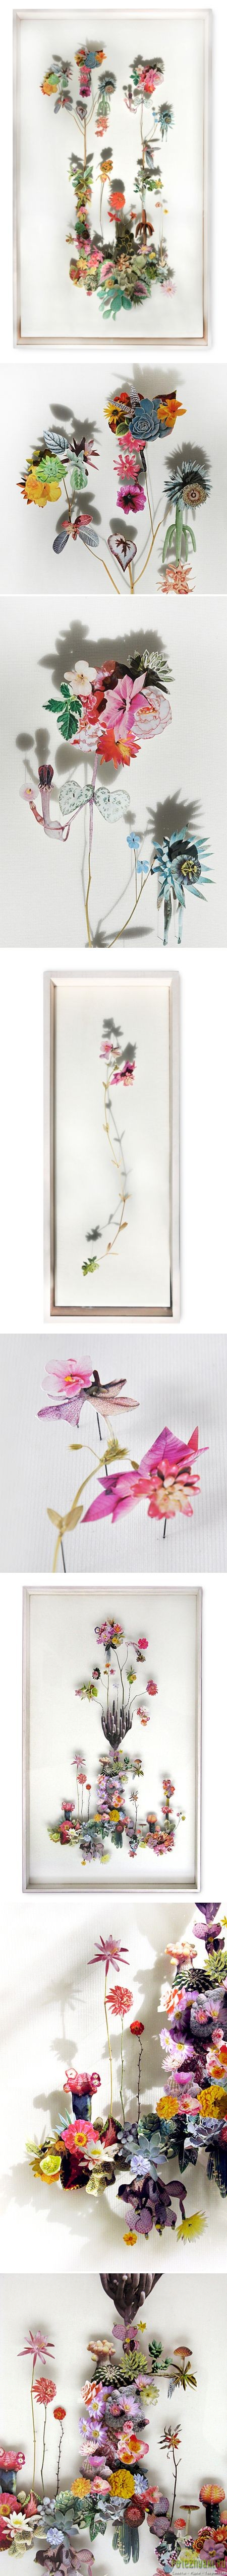 Композиции из засушенных цветов 3